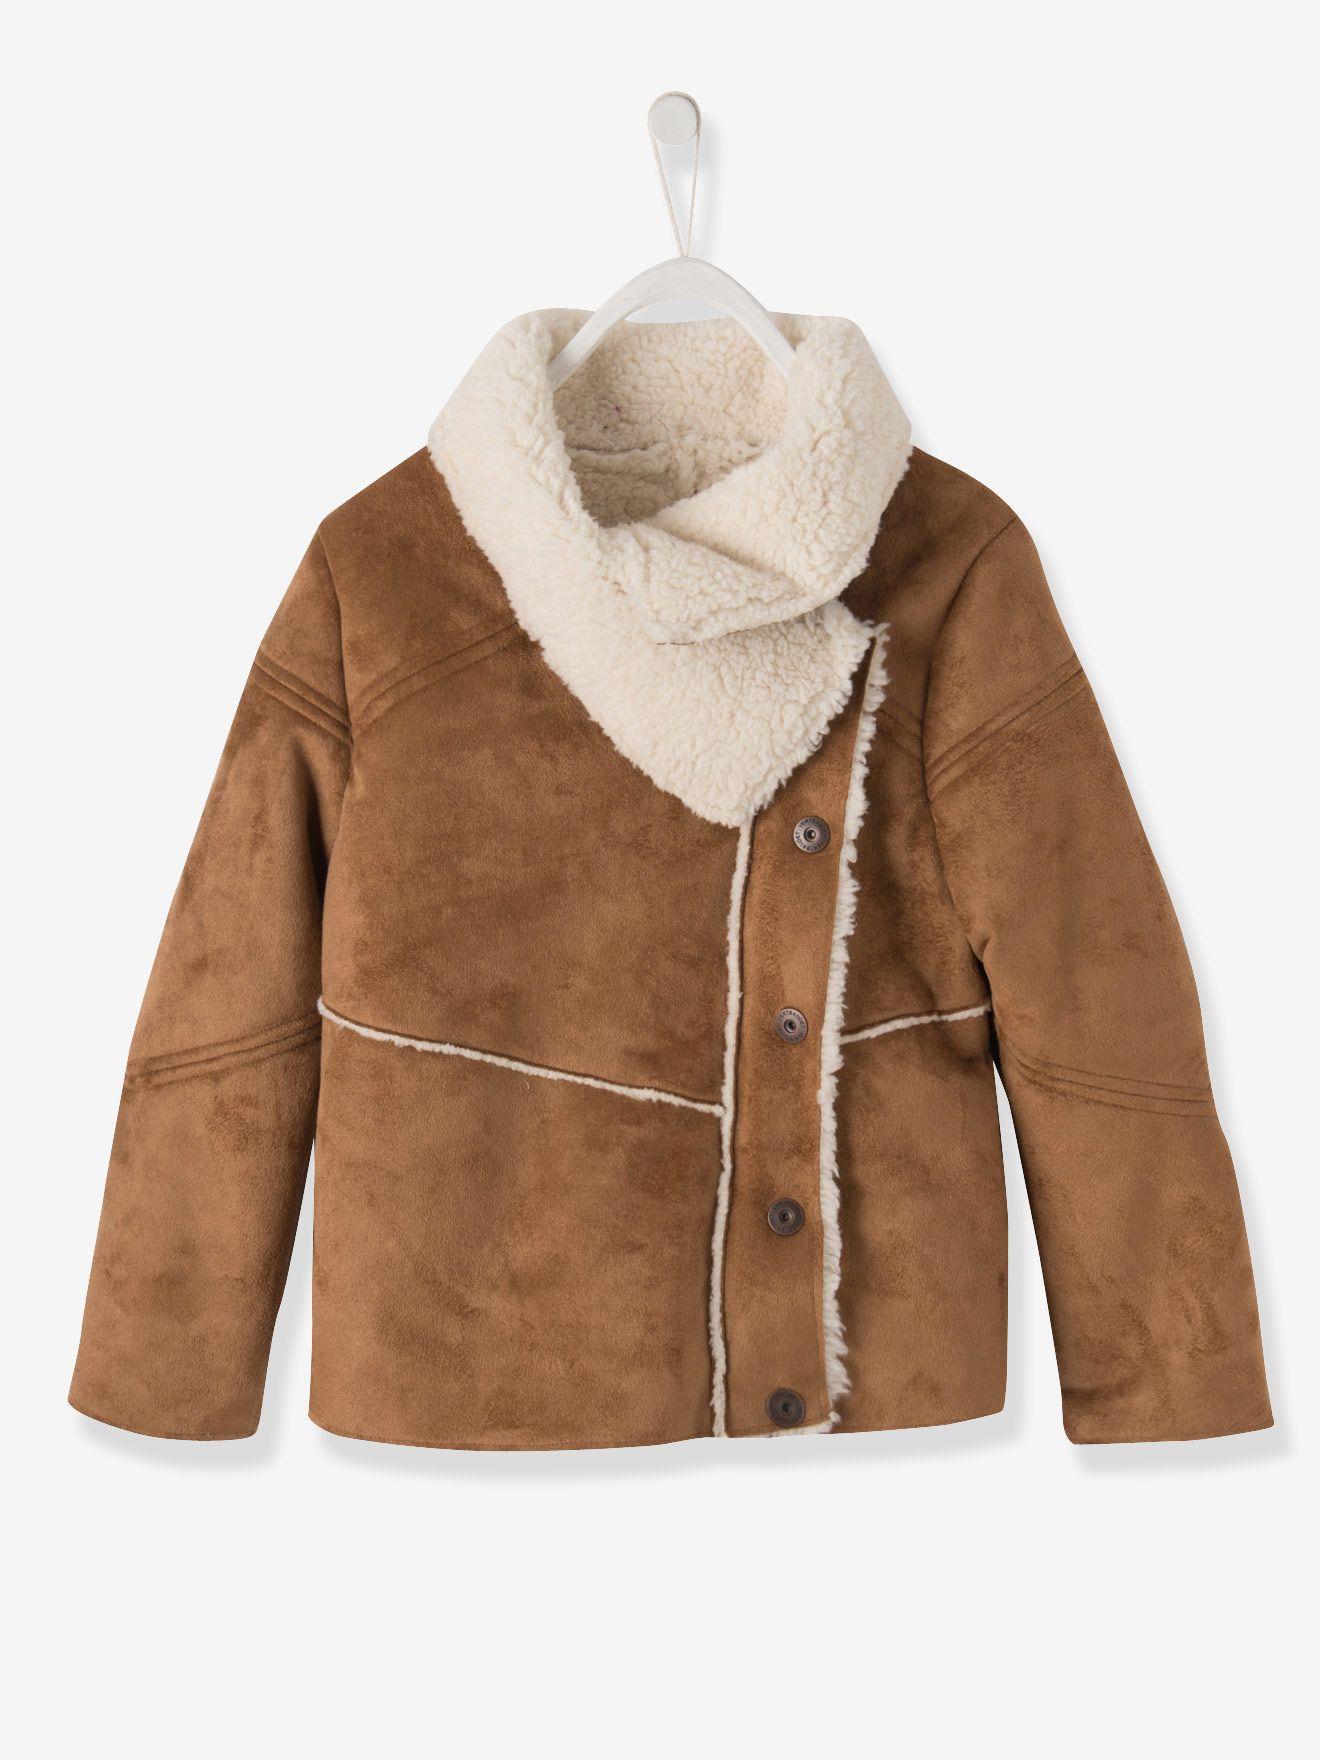 Manteau fille imitation peau lainée caramel - Vertbaudet   vêtements ... ac102f71f6d